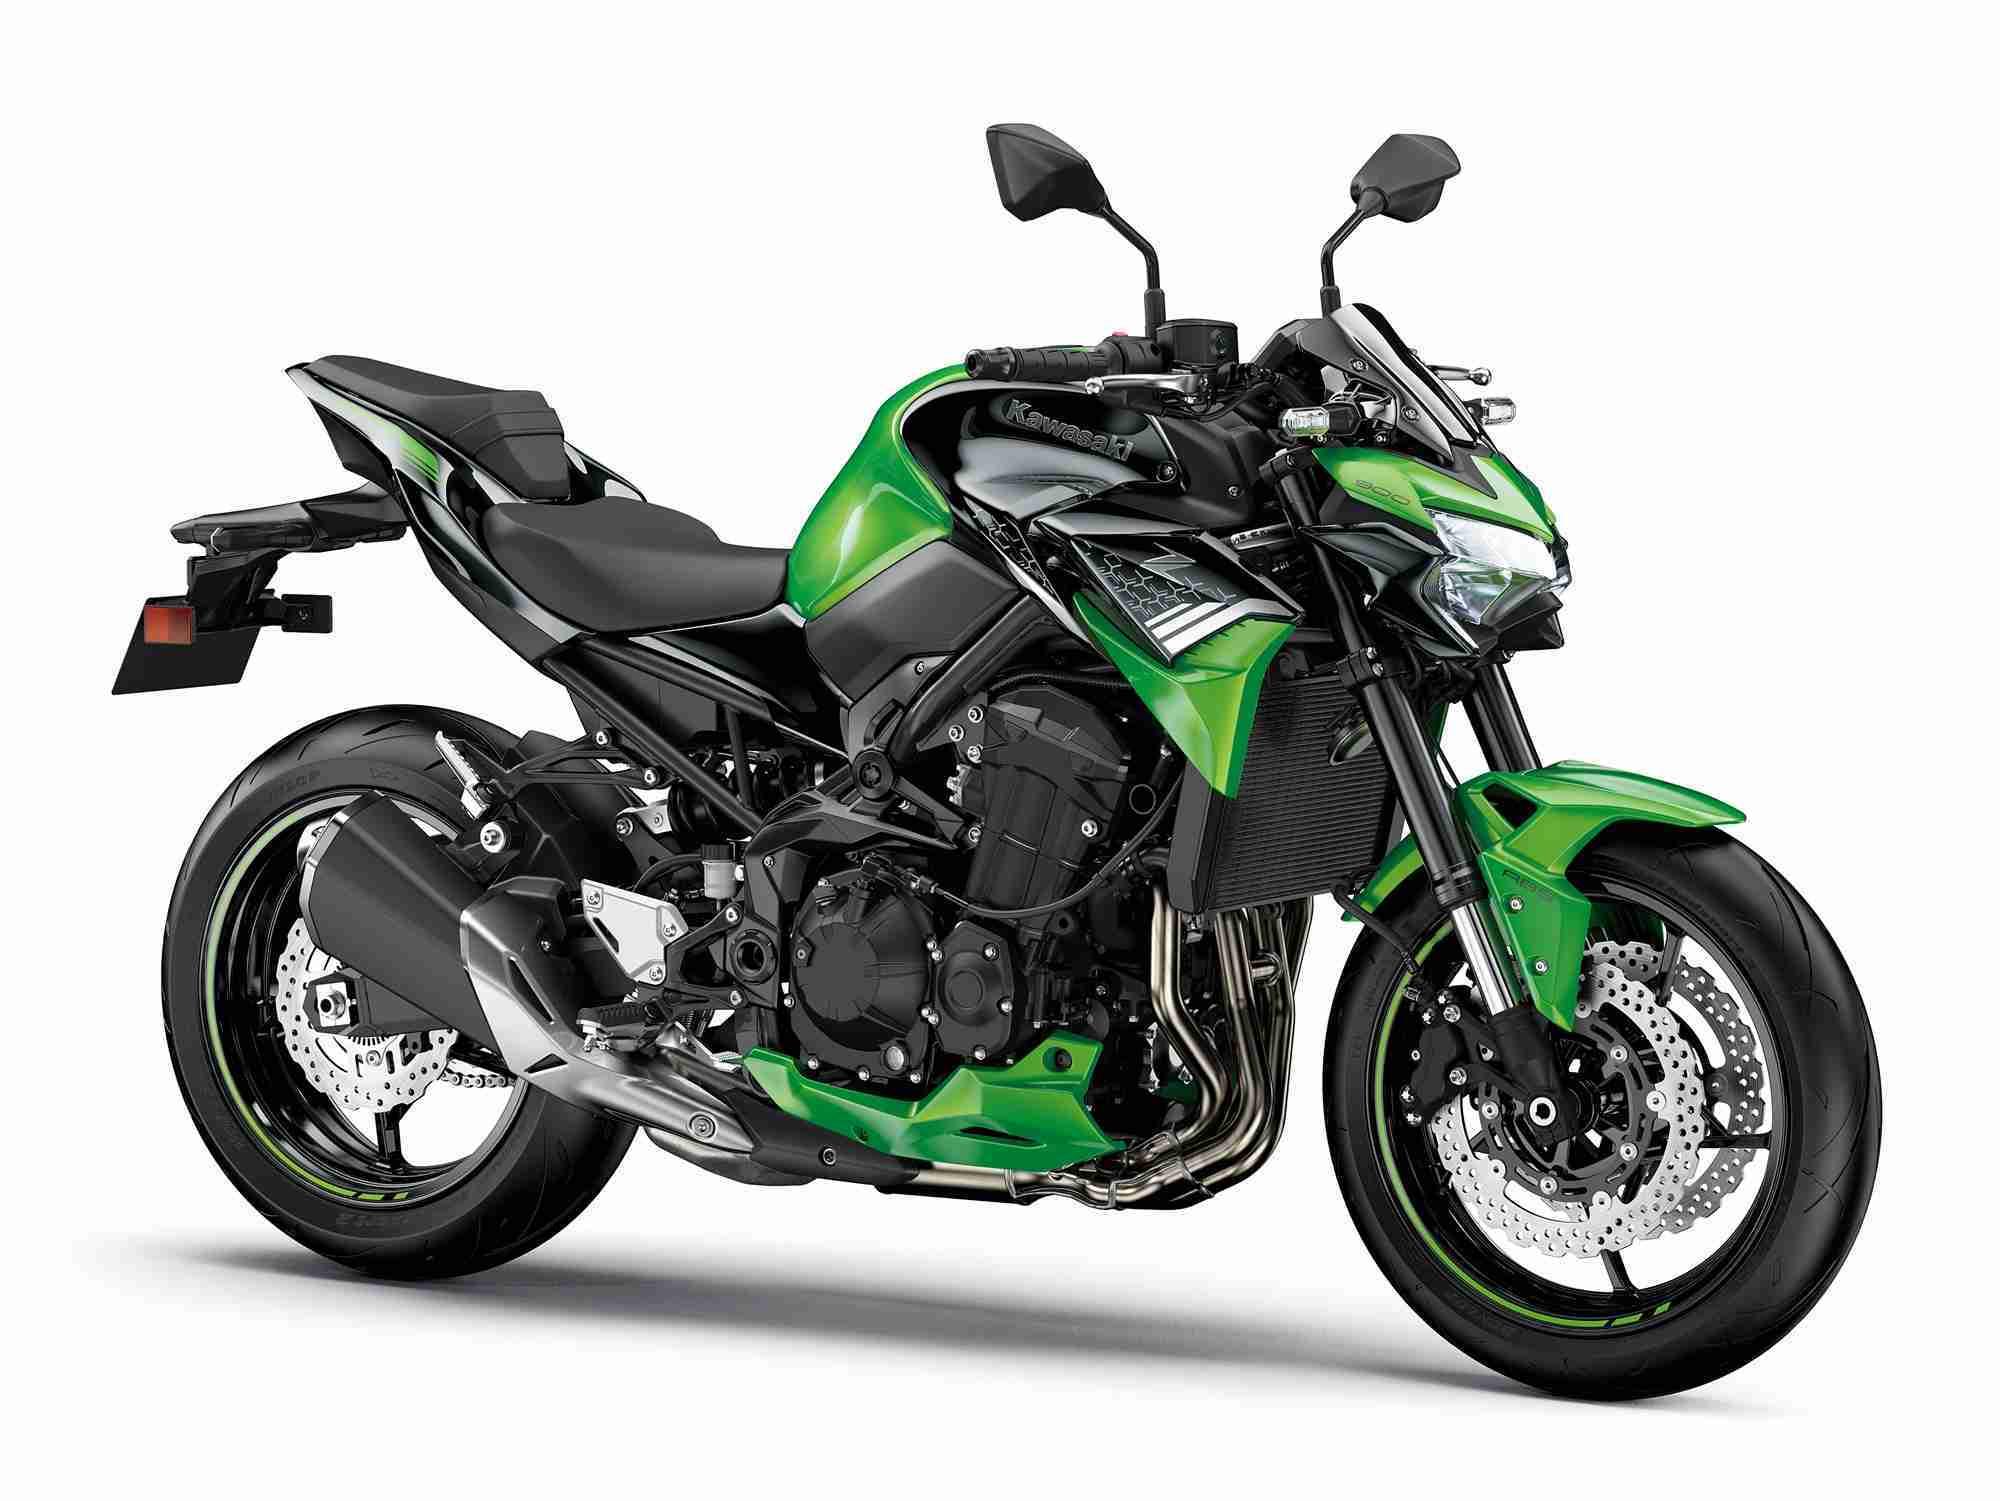 2020 Kawasaki Z900 digital meter TFT screen